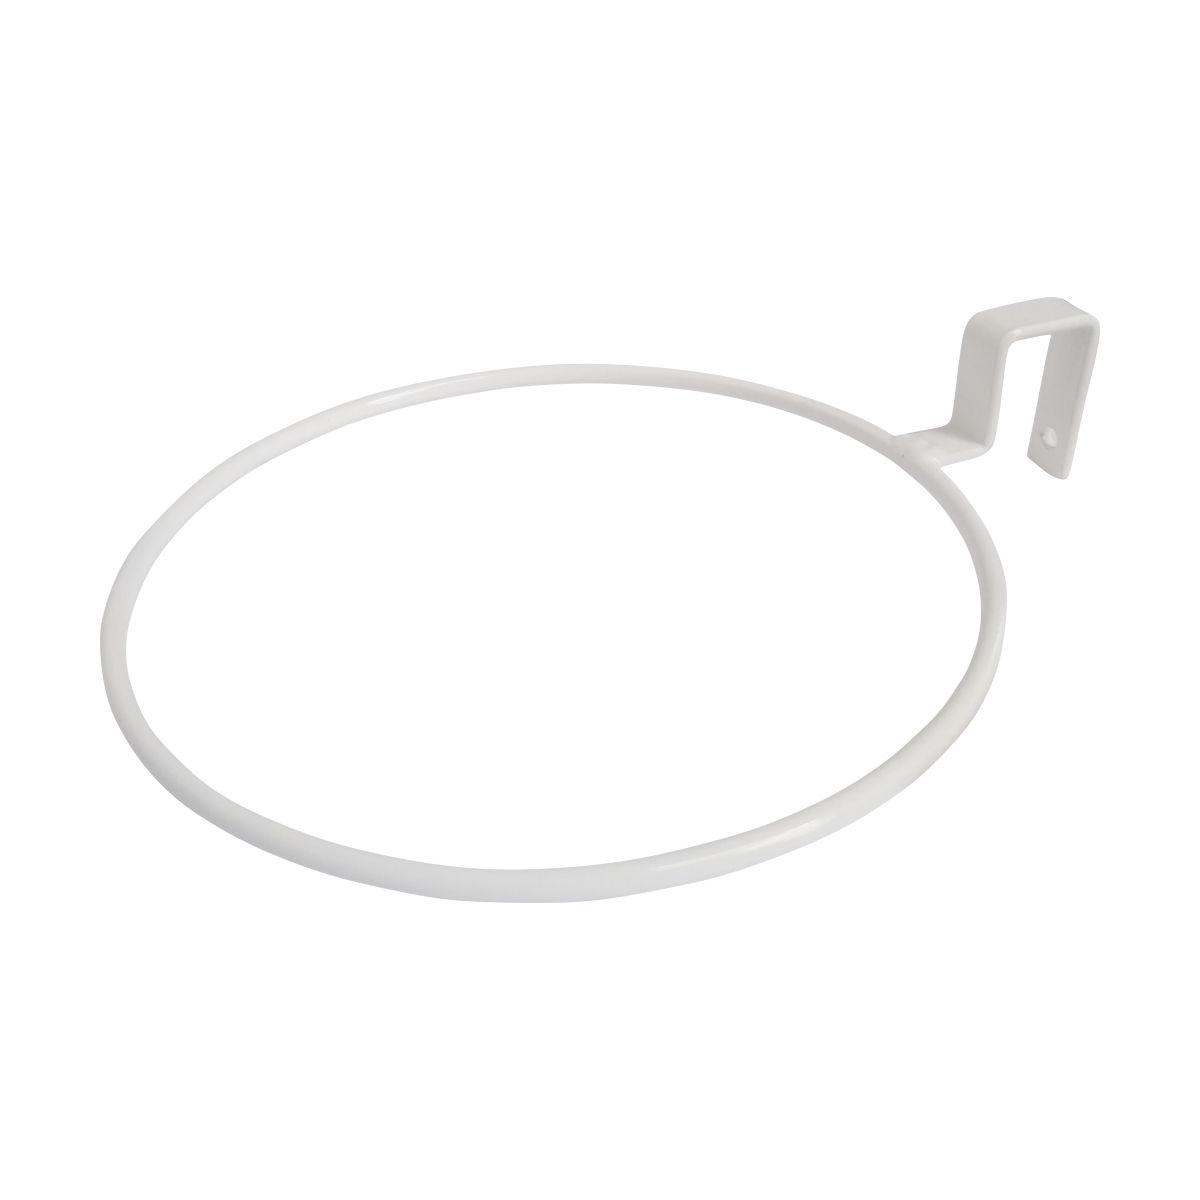 Suporte de Treliça Branco para Vaso Autoirrigável Pequeno RAIZ N02  - Vasos Raiz Loja Oficial